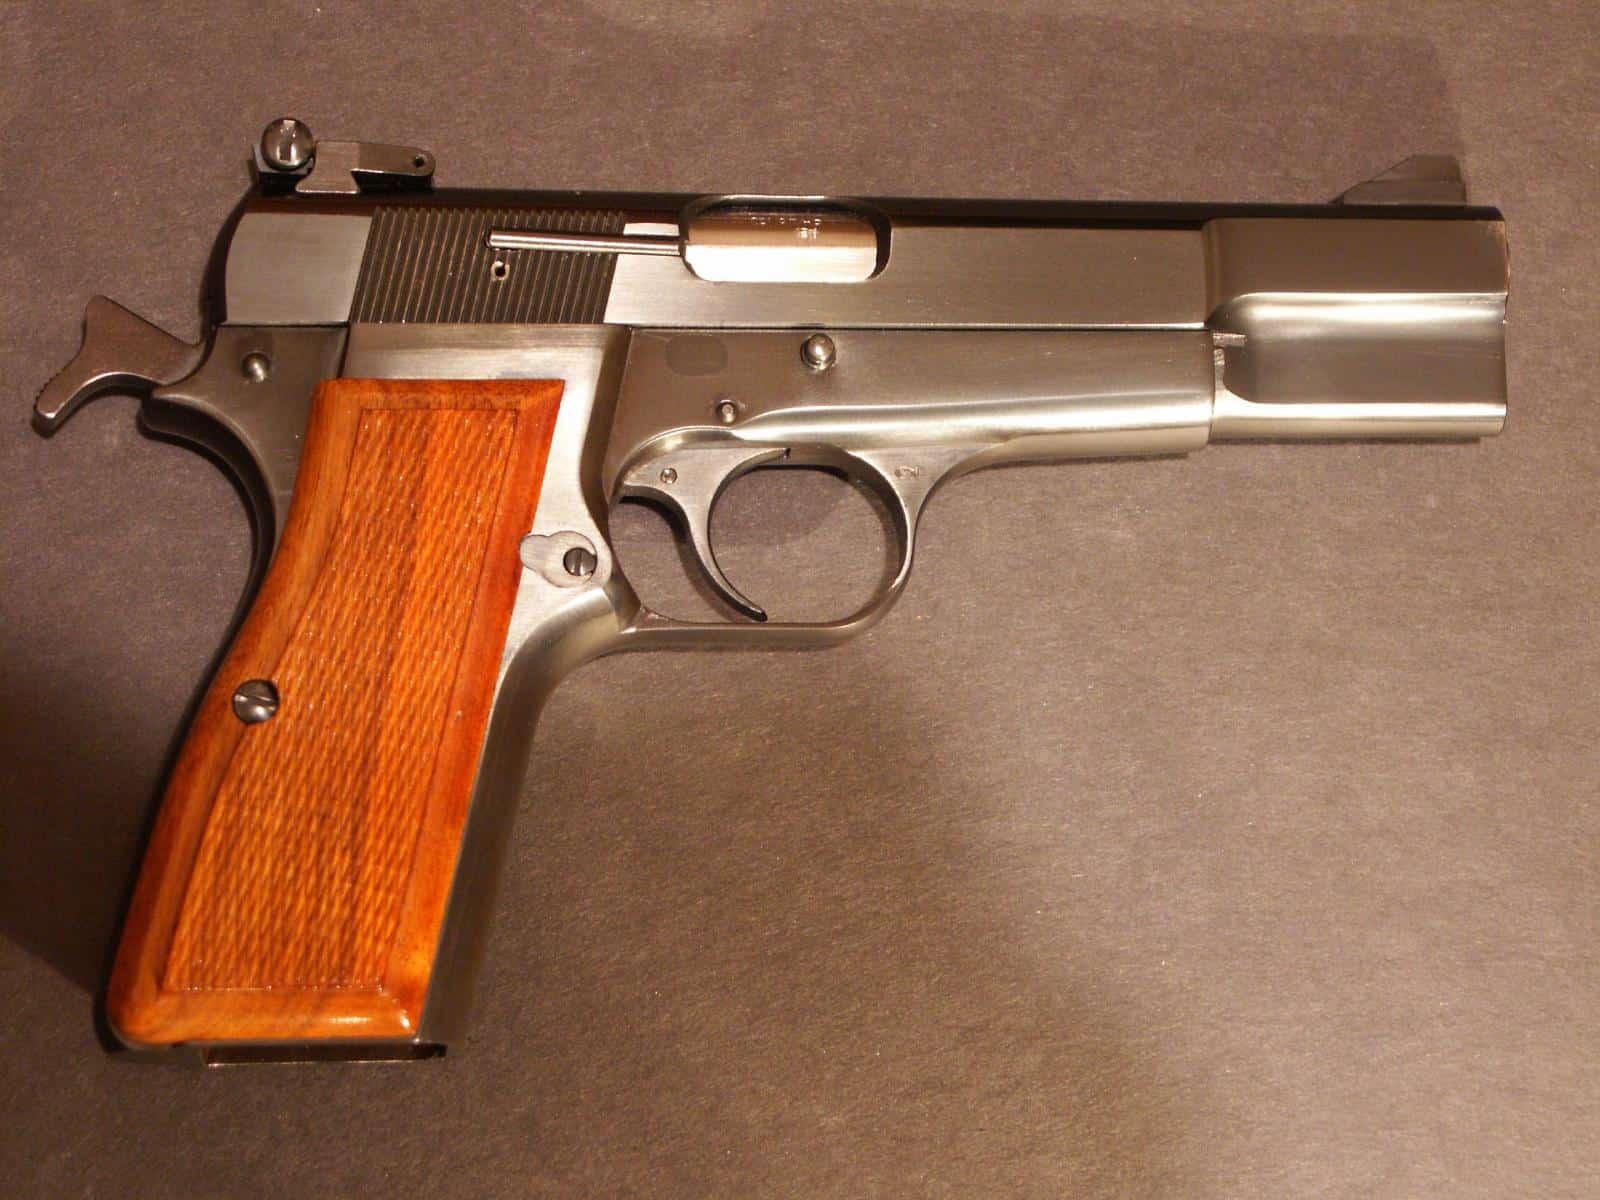 Top 10 9mm Handguns Of All Time - Glock, Sig, Beretta